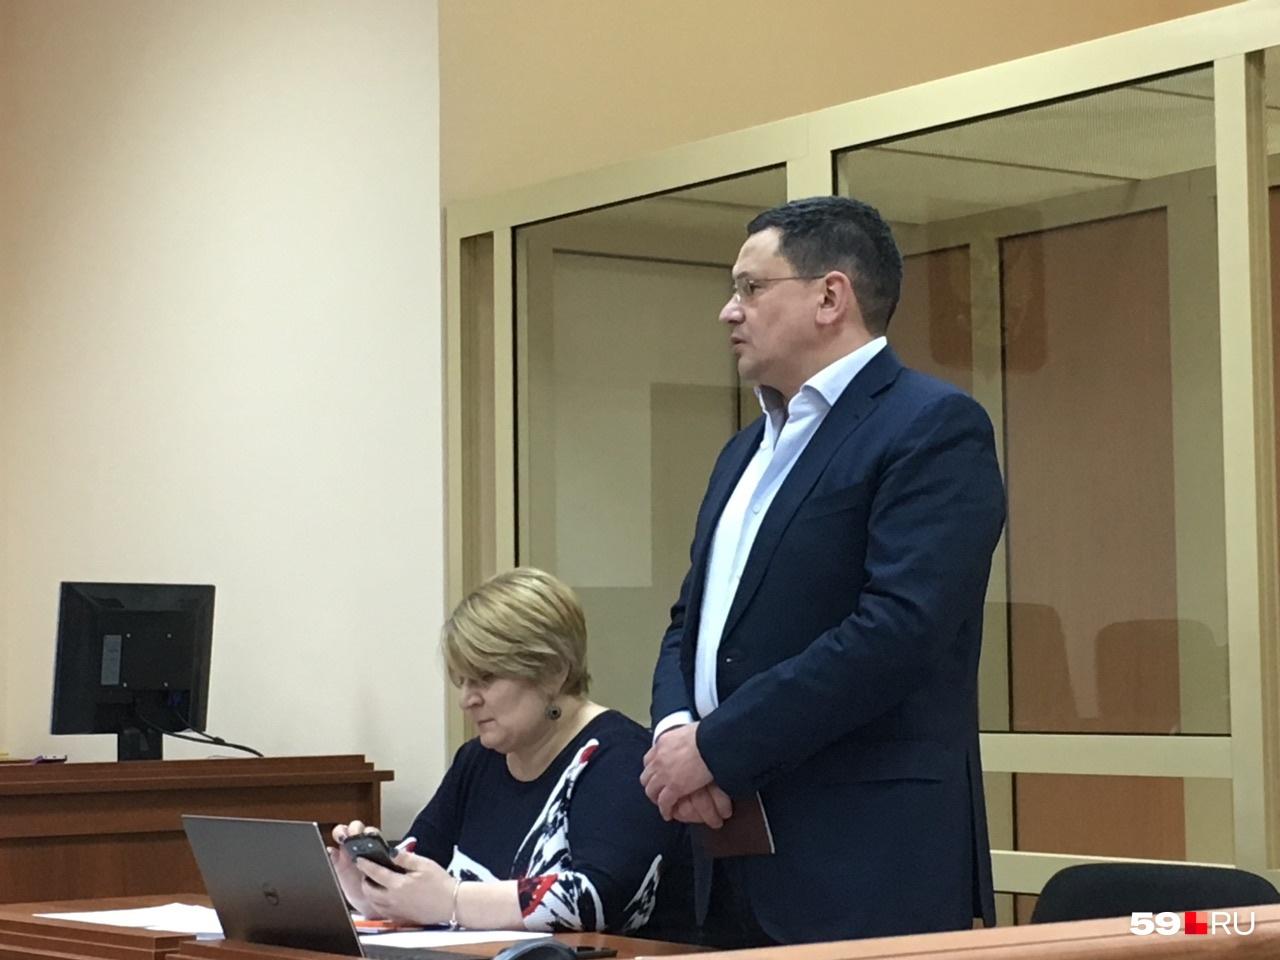 Экс-министр обвиняется в получении крупной взятки и превышении должностных полномочий